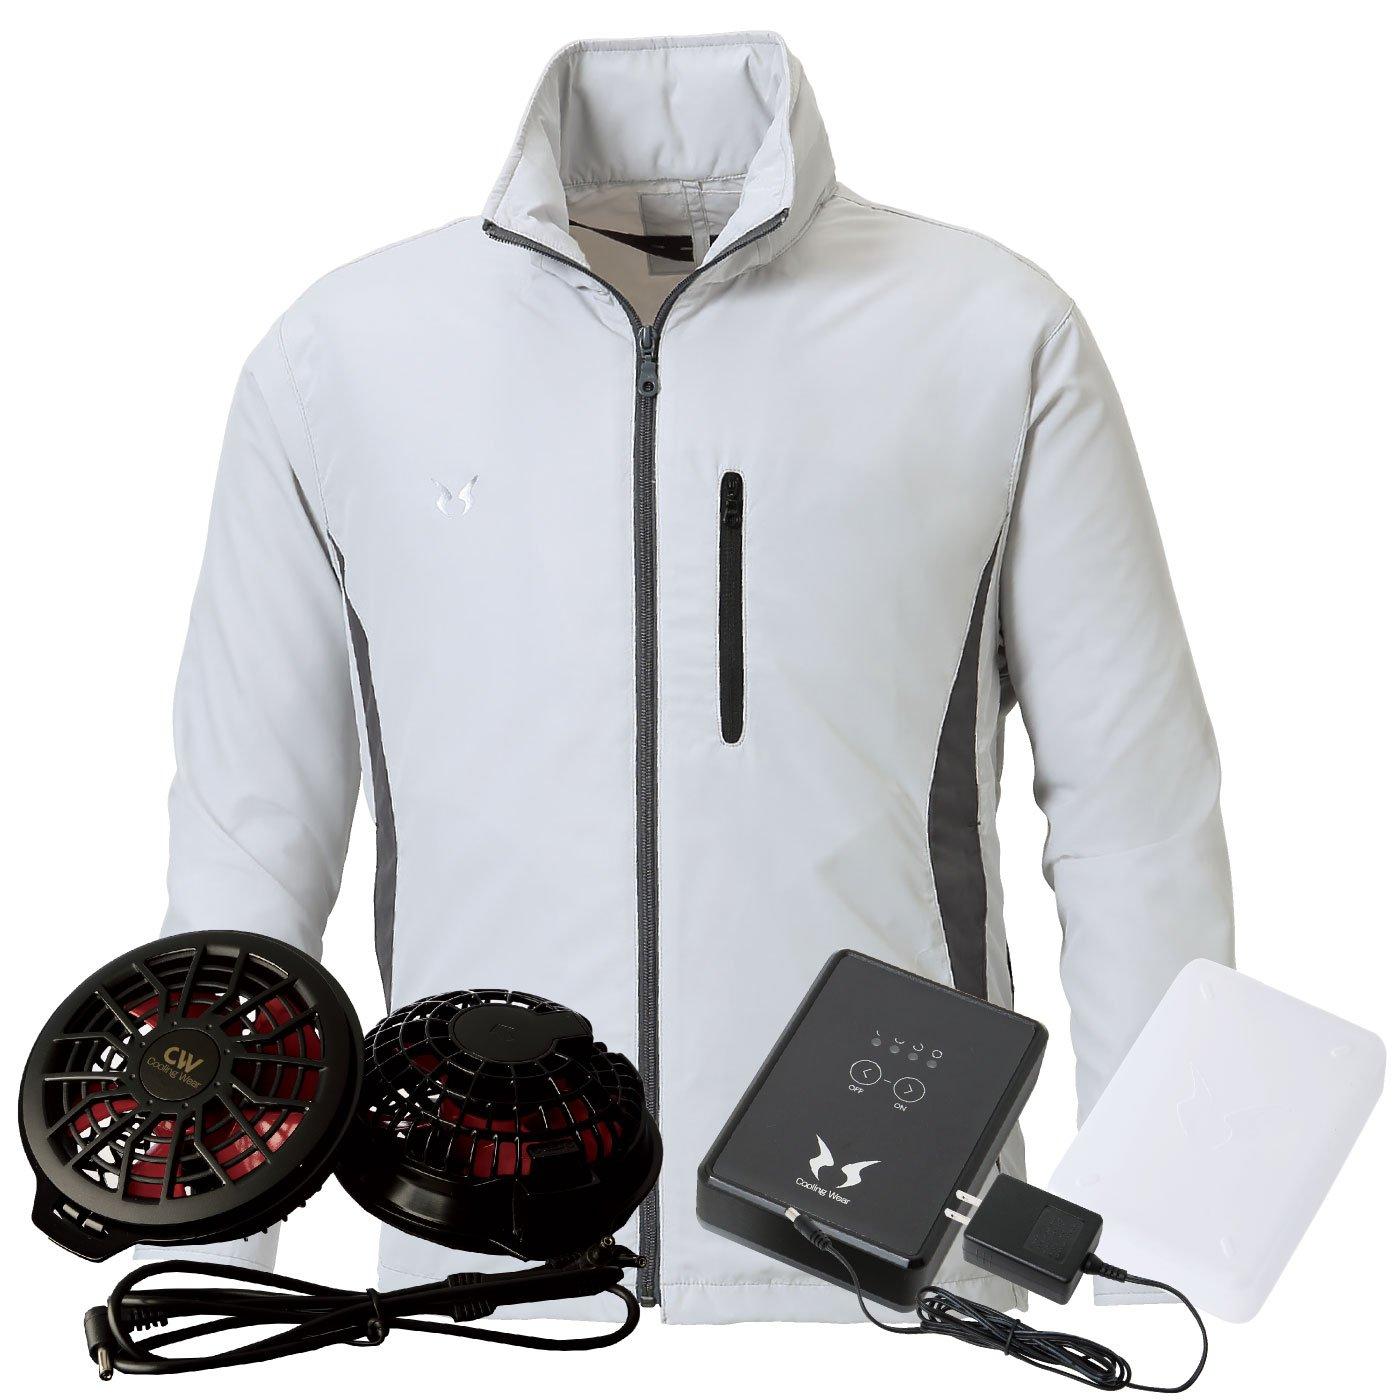 SUN-S(サンエス) 空調服 ファン付き フード付 スタッフブルゾン ss-ku90520s-lh 【空調服+ファンRD9820H+バッテリRD9870J】 B07D9HGPND 4L|シルバー シルバー 4L